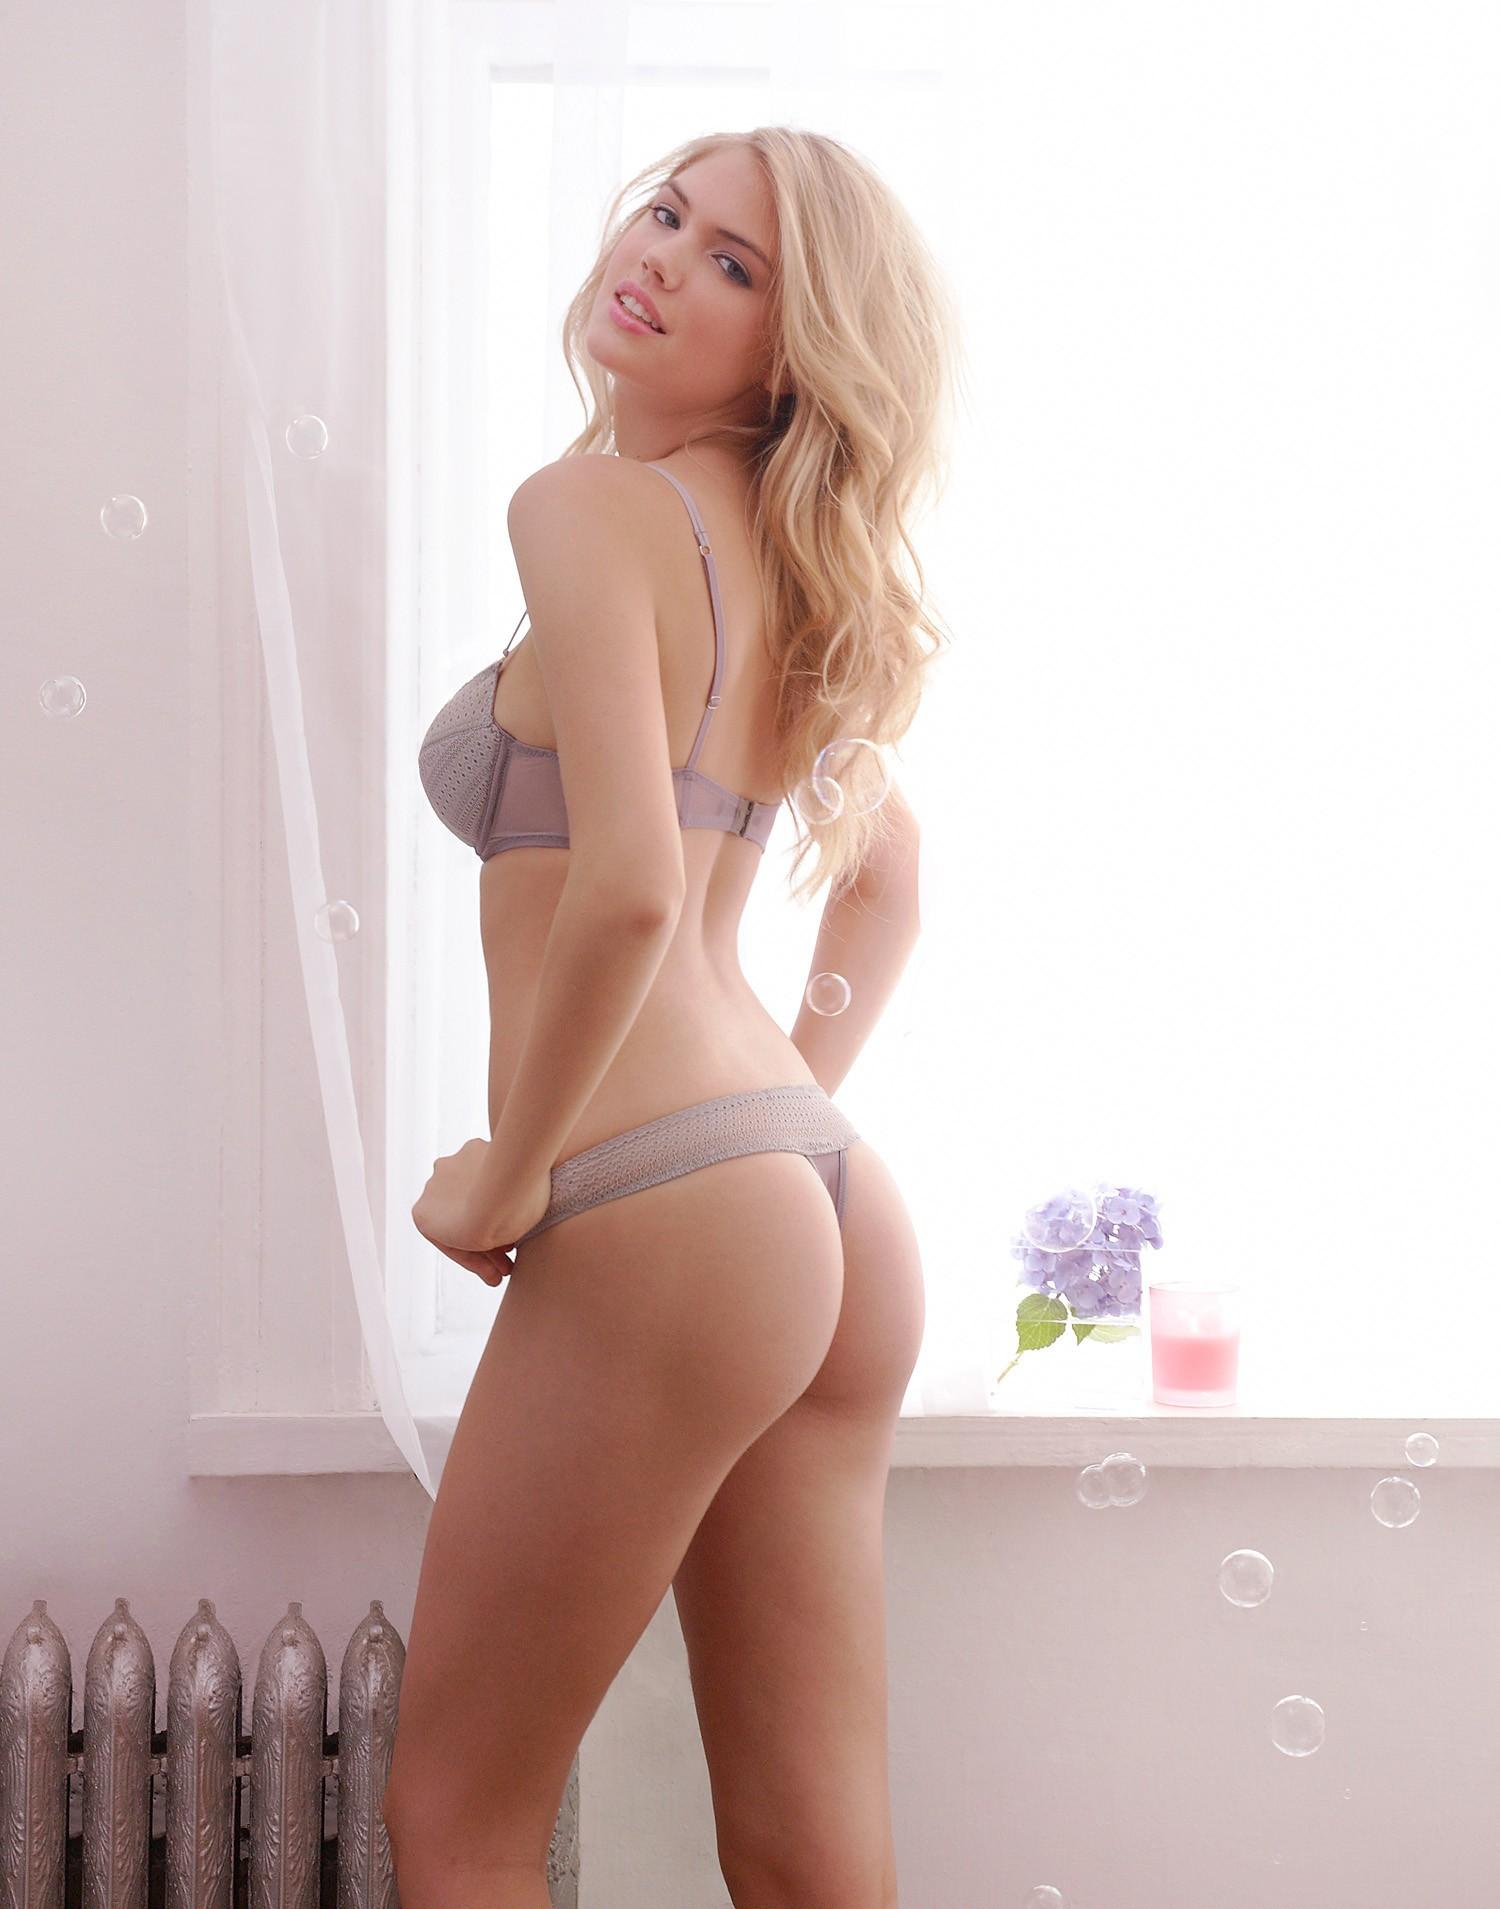 Топ модель в попу смотреть онлайн 25 фотография